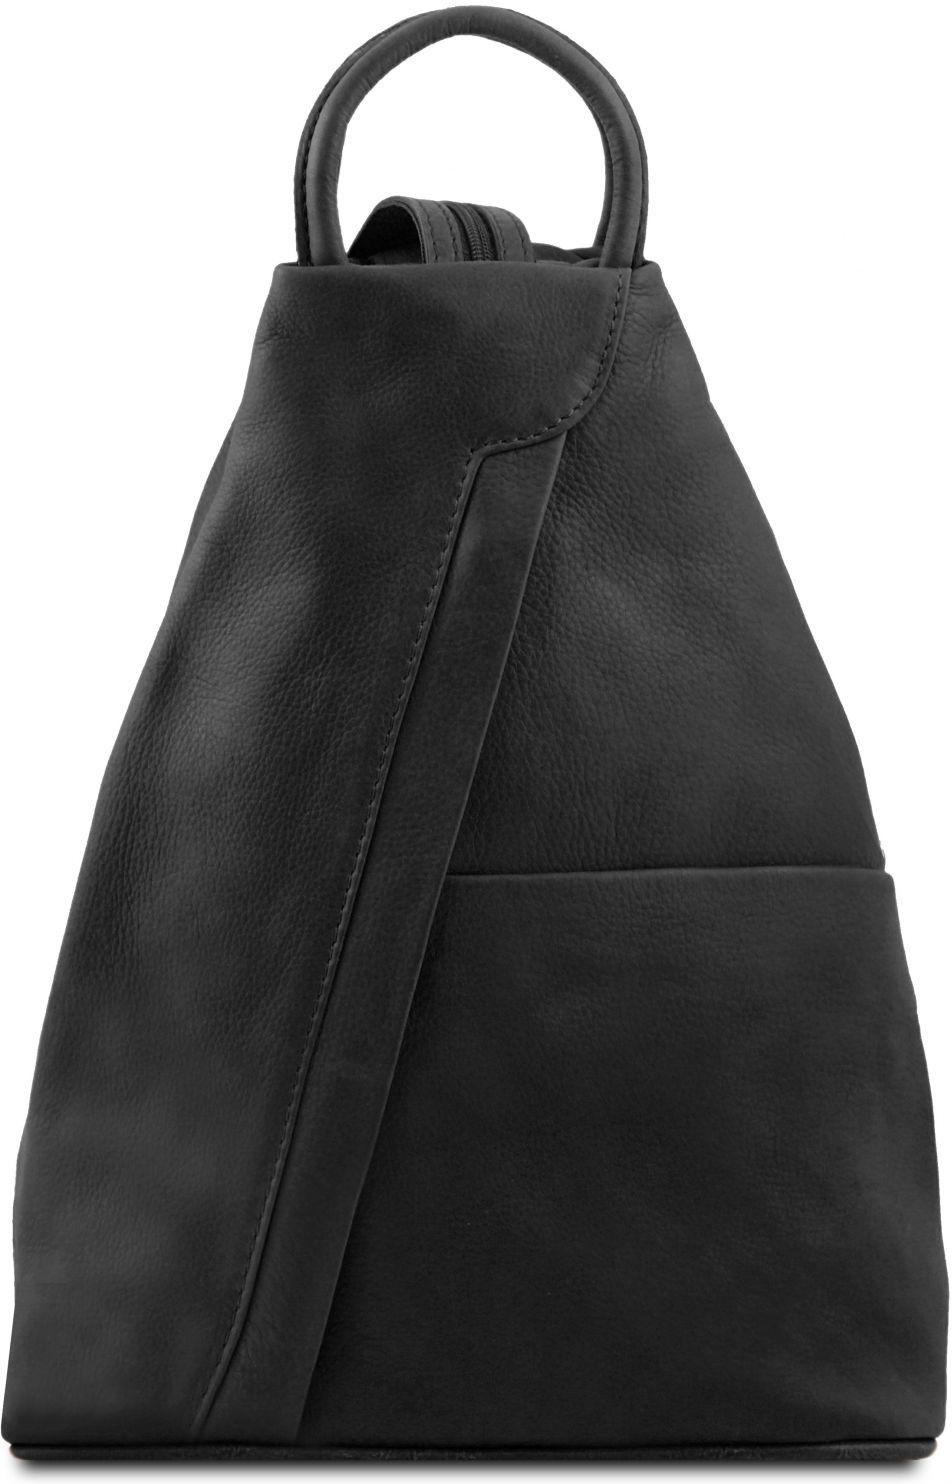 1c16f7d414 Γυναικείο Τσαντάκι Δερμάτινο Shanghai Μαύρο Tuscany Leather